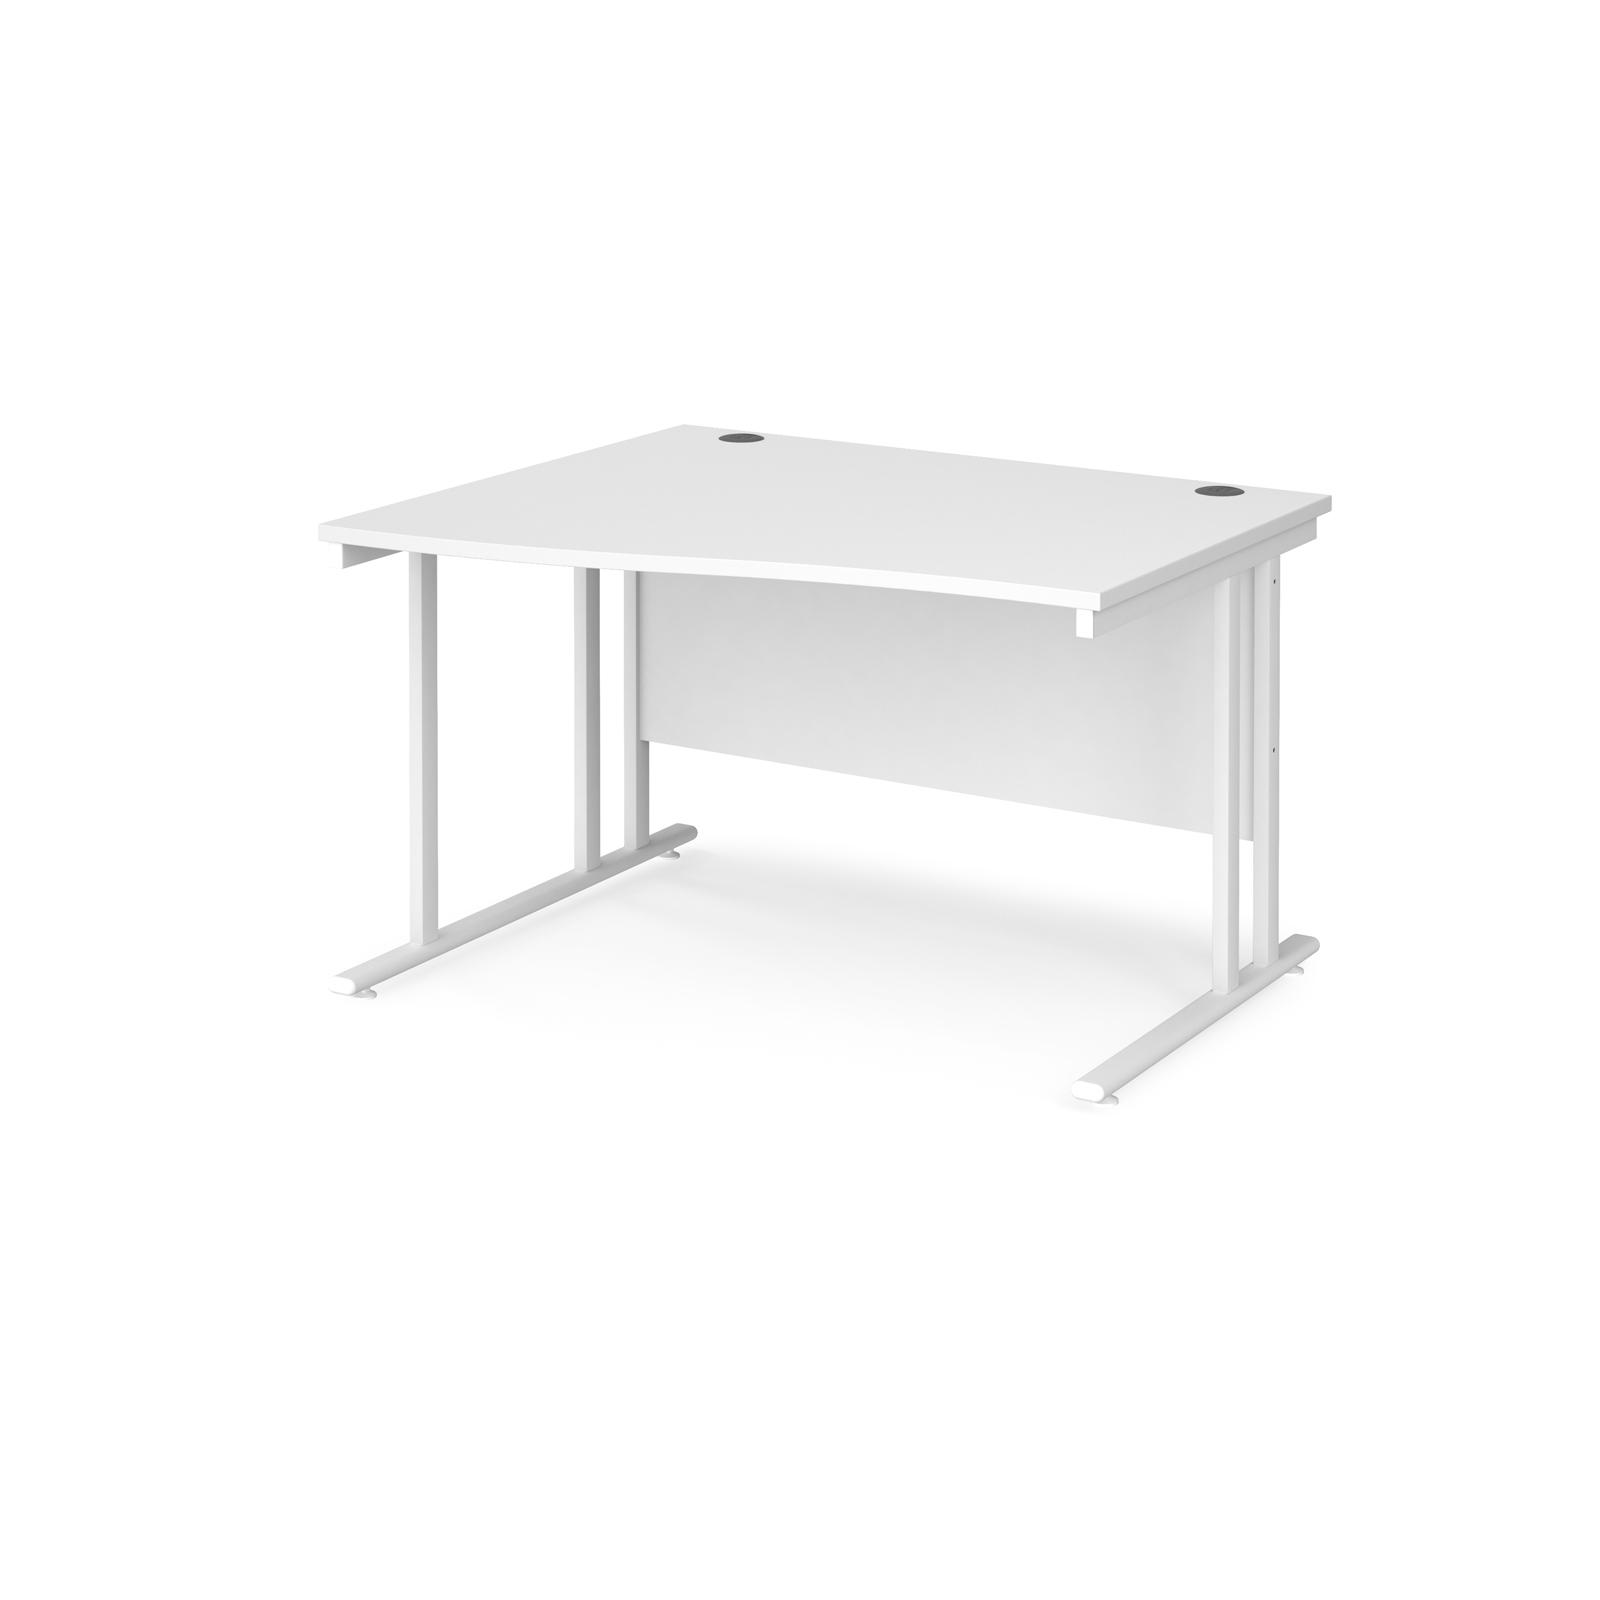 Left Handed Maestro 25 left hand wave desk 1200mm wide - white cantilever leg frame, white top